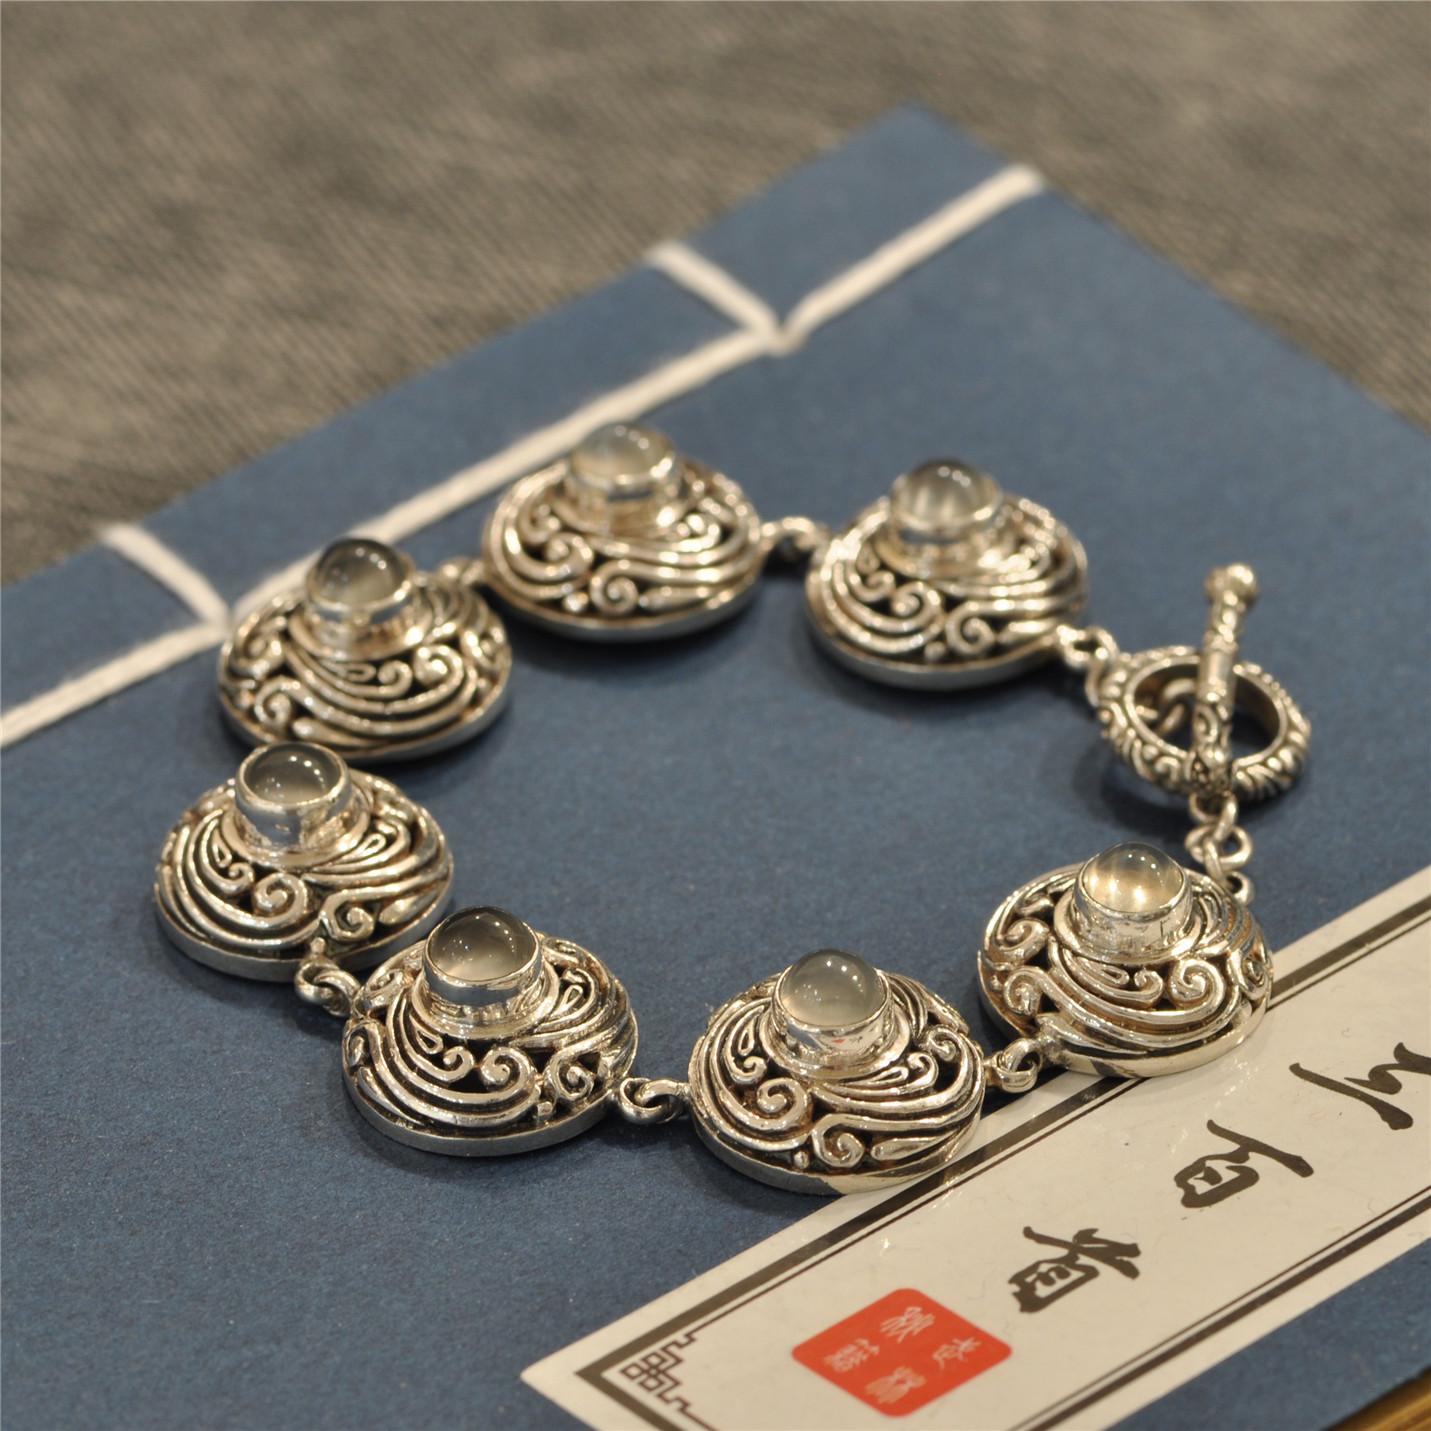 念善阁925纯银手链复古时尚文艺气质猫眼石老银匠纯手工泰银手饰